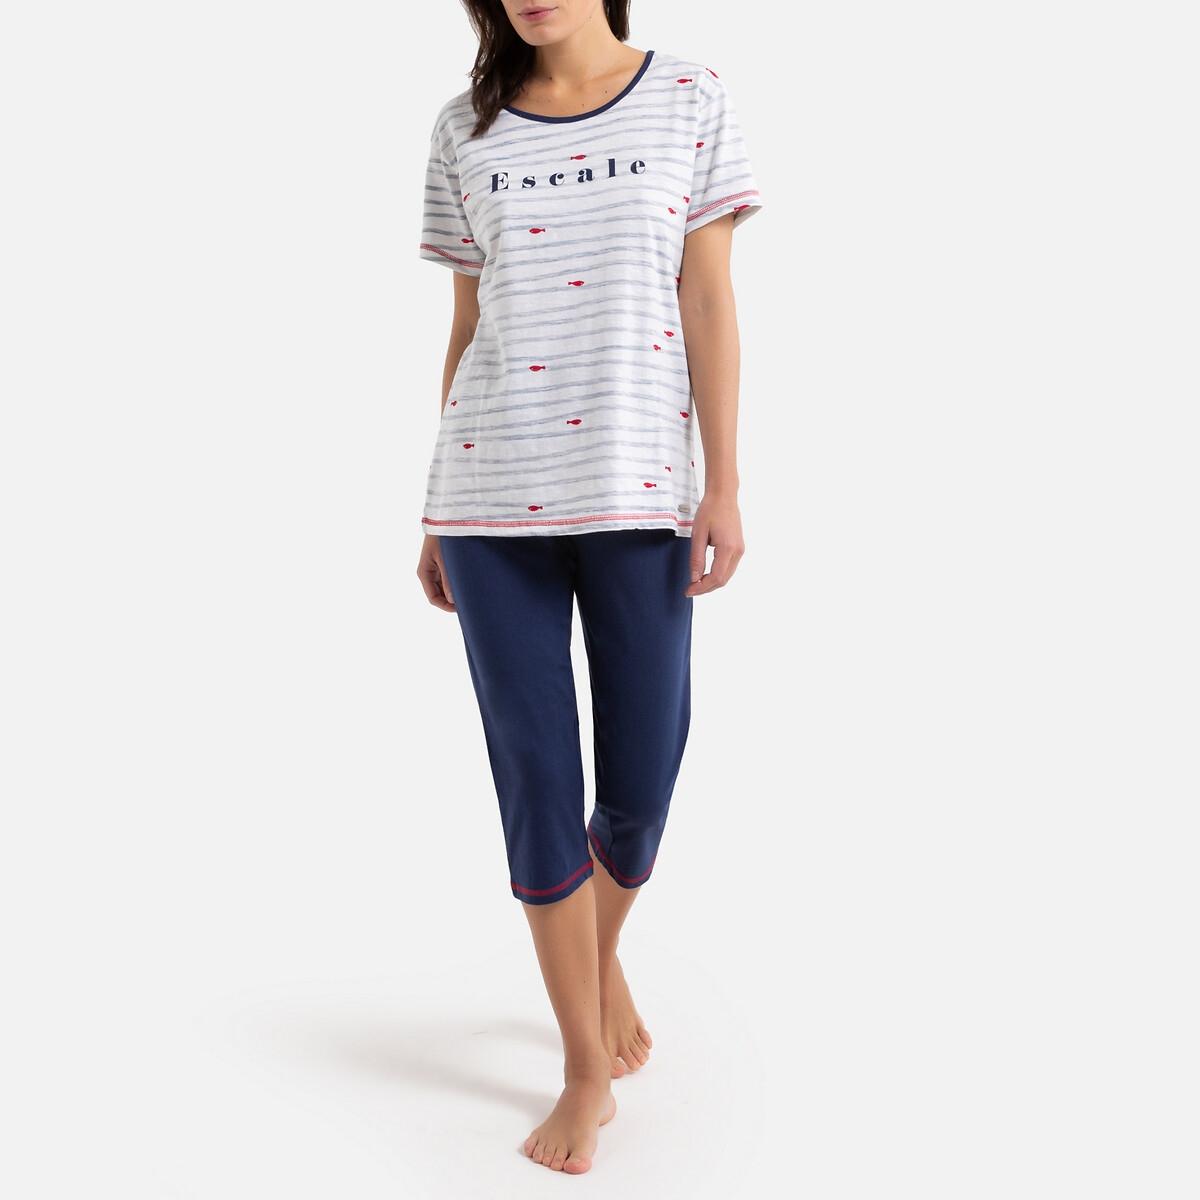 Пижама La Redoute С короткими штанишками хлопковая Вода M бежевый свитшот la redoute с логотипом в винтажном стиле la redoute m белый